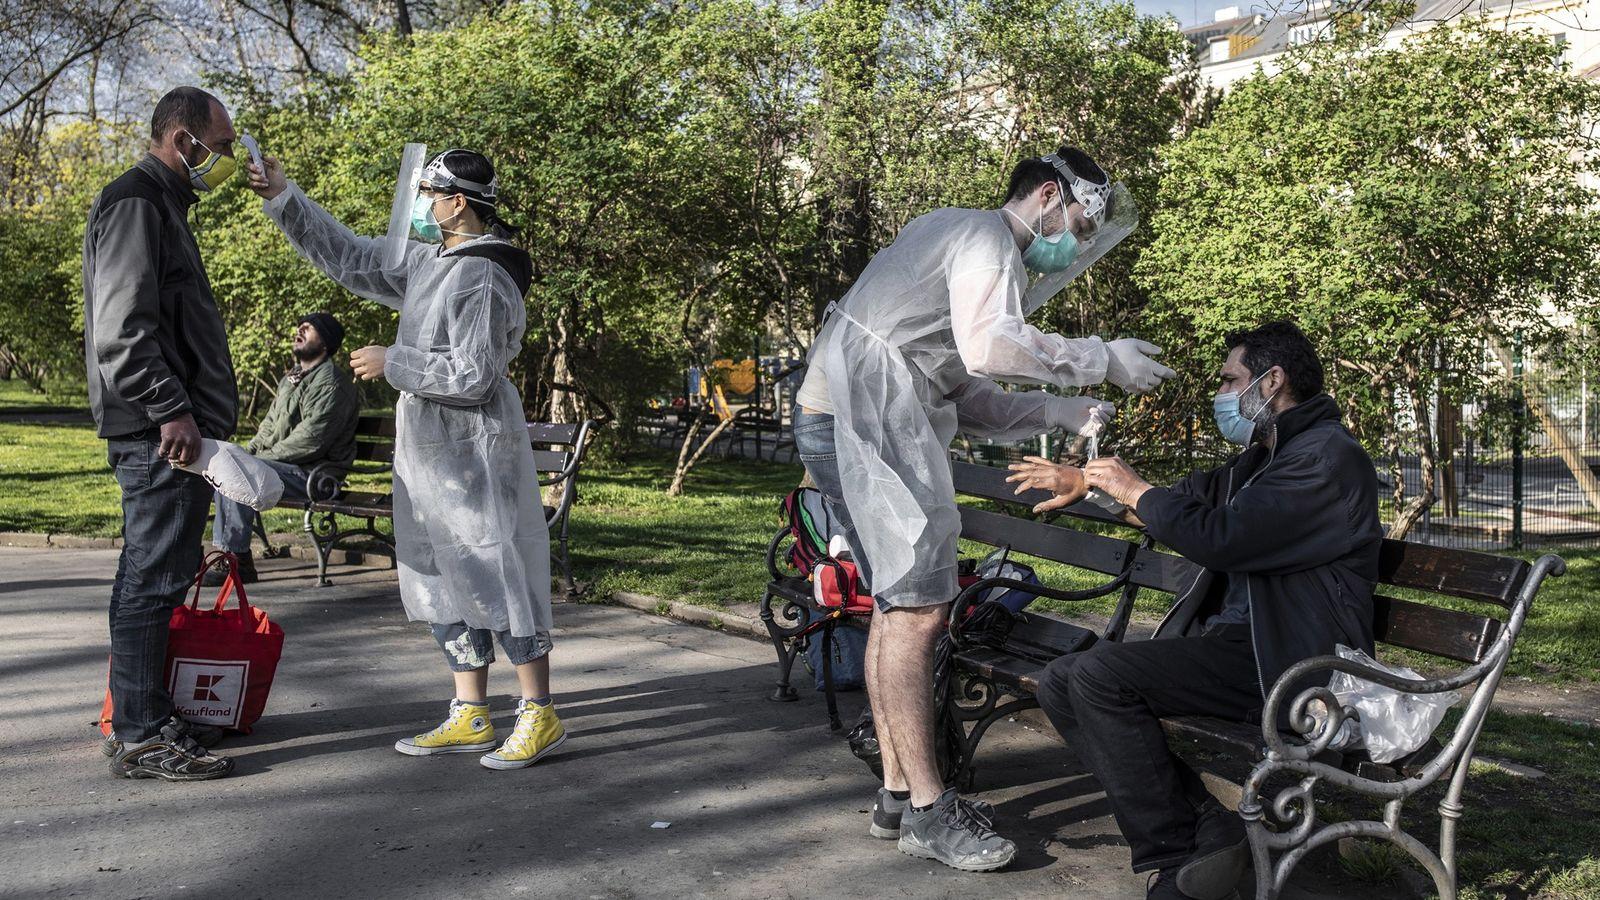 Estudiantes de medicina atienden a personas sin hogar en un parque en Praga durante la pandemia ...